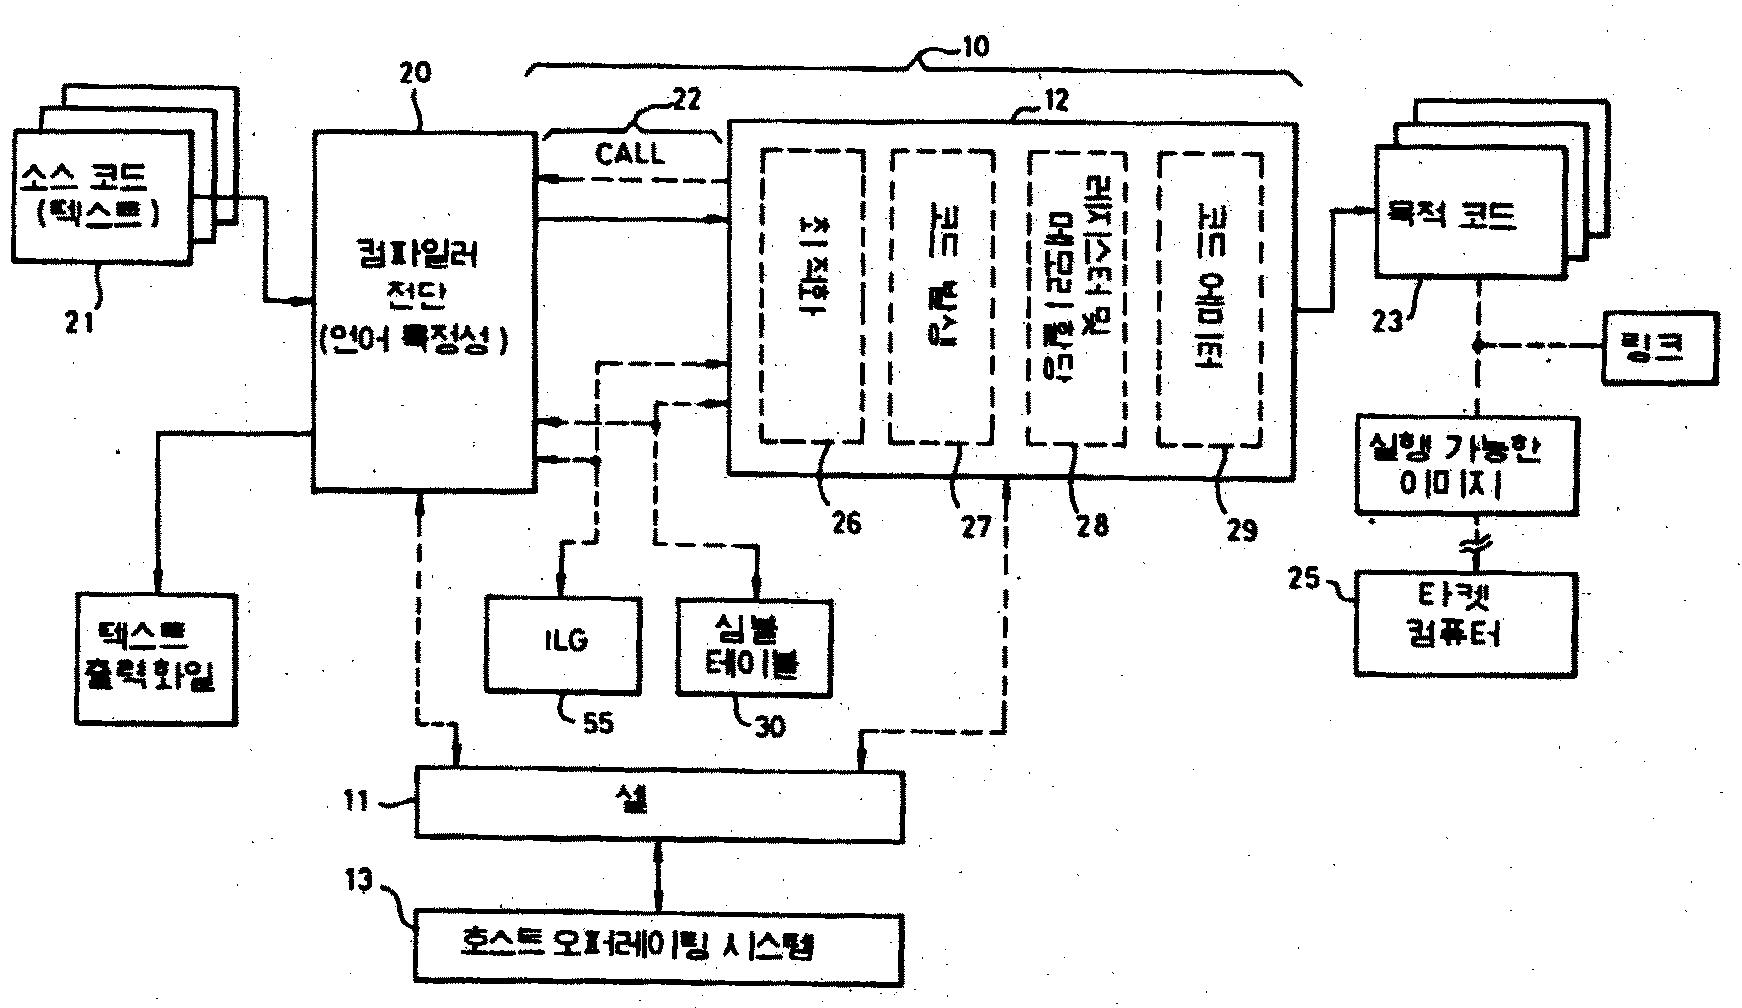 다중언어최적화컴파일러내의상수폴딩메카니즘을구성하는방법(METHOD OF CONSTRUCTING A CONSTANT-FOLDING MECHANISM IN A MULTILANGUAGE OPTIMIZING COMPILER)